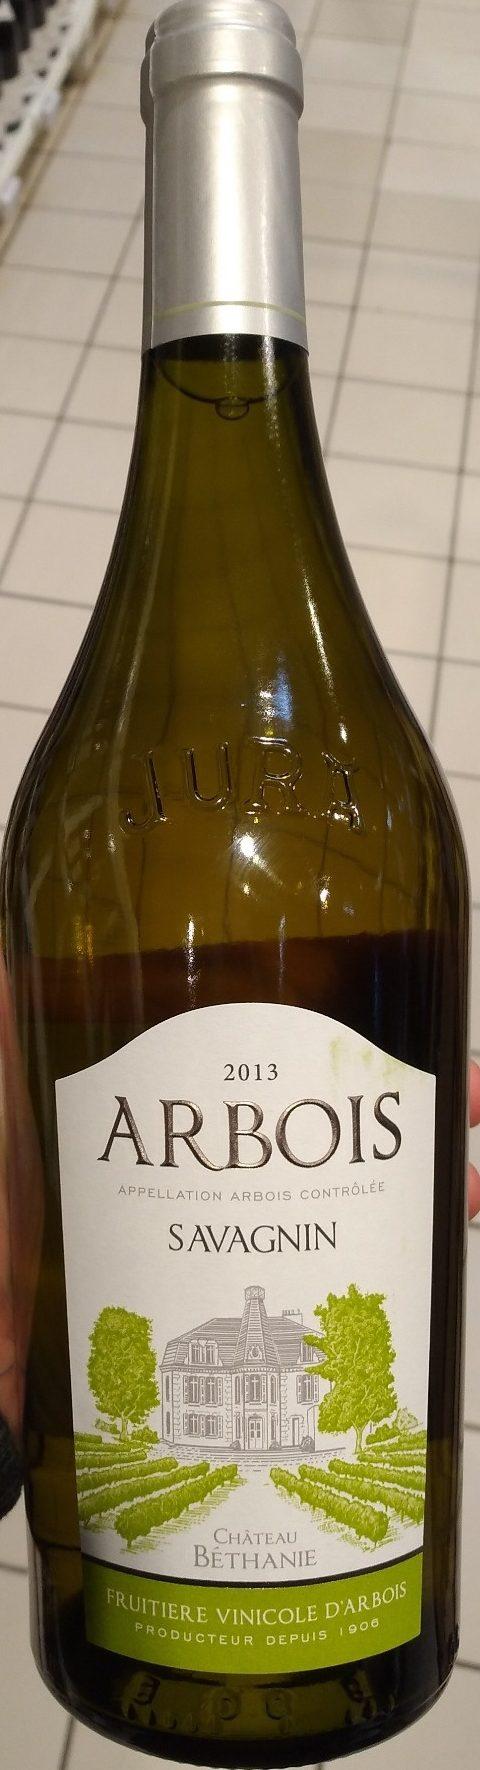 Arbois Savagnin Château Béthanie 2013 - Product - fr